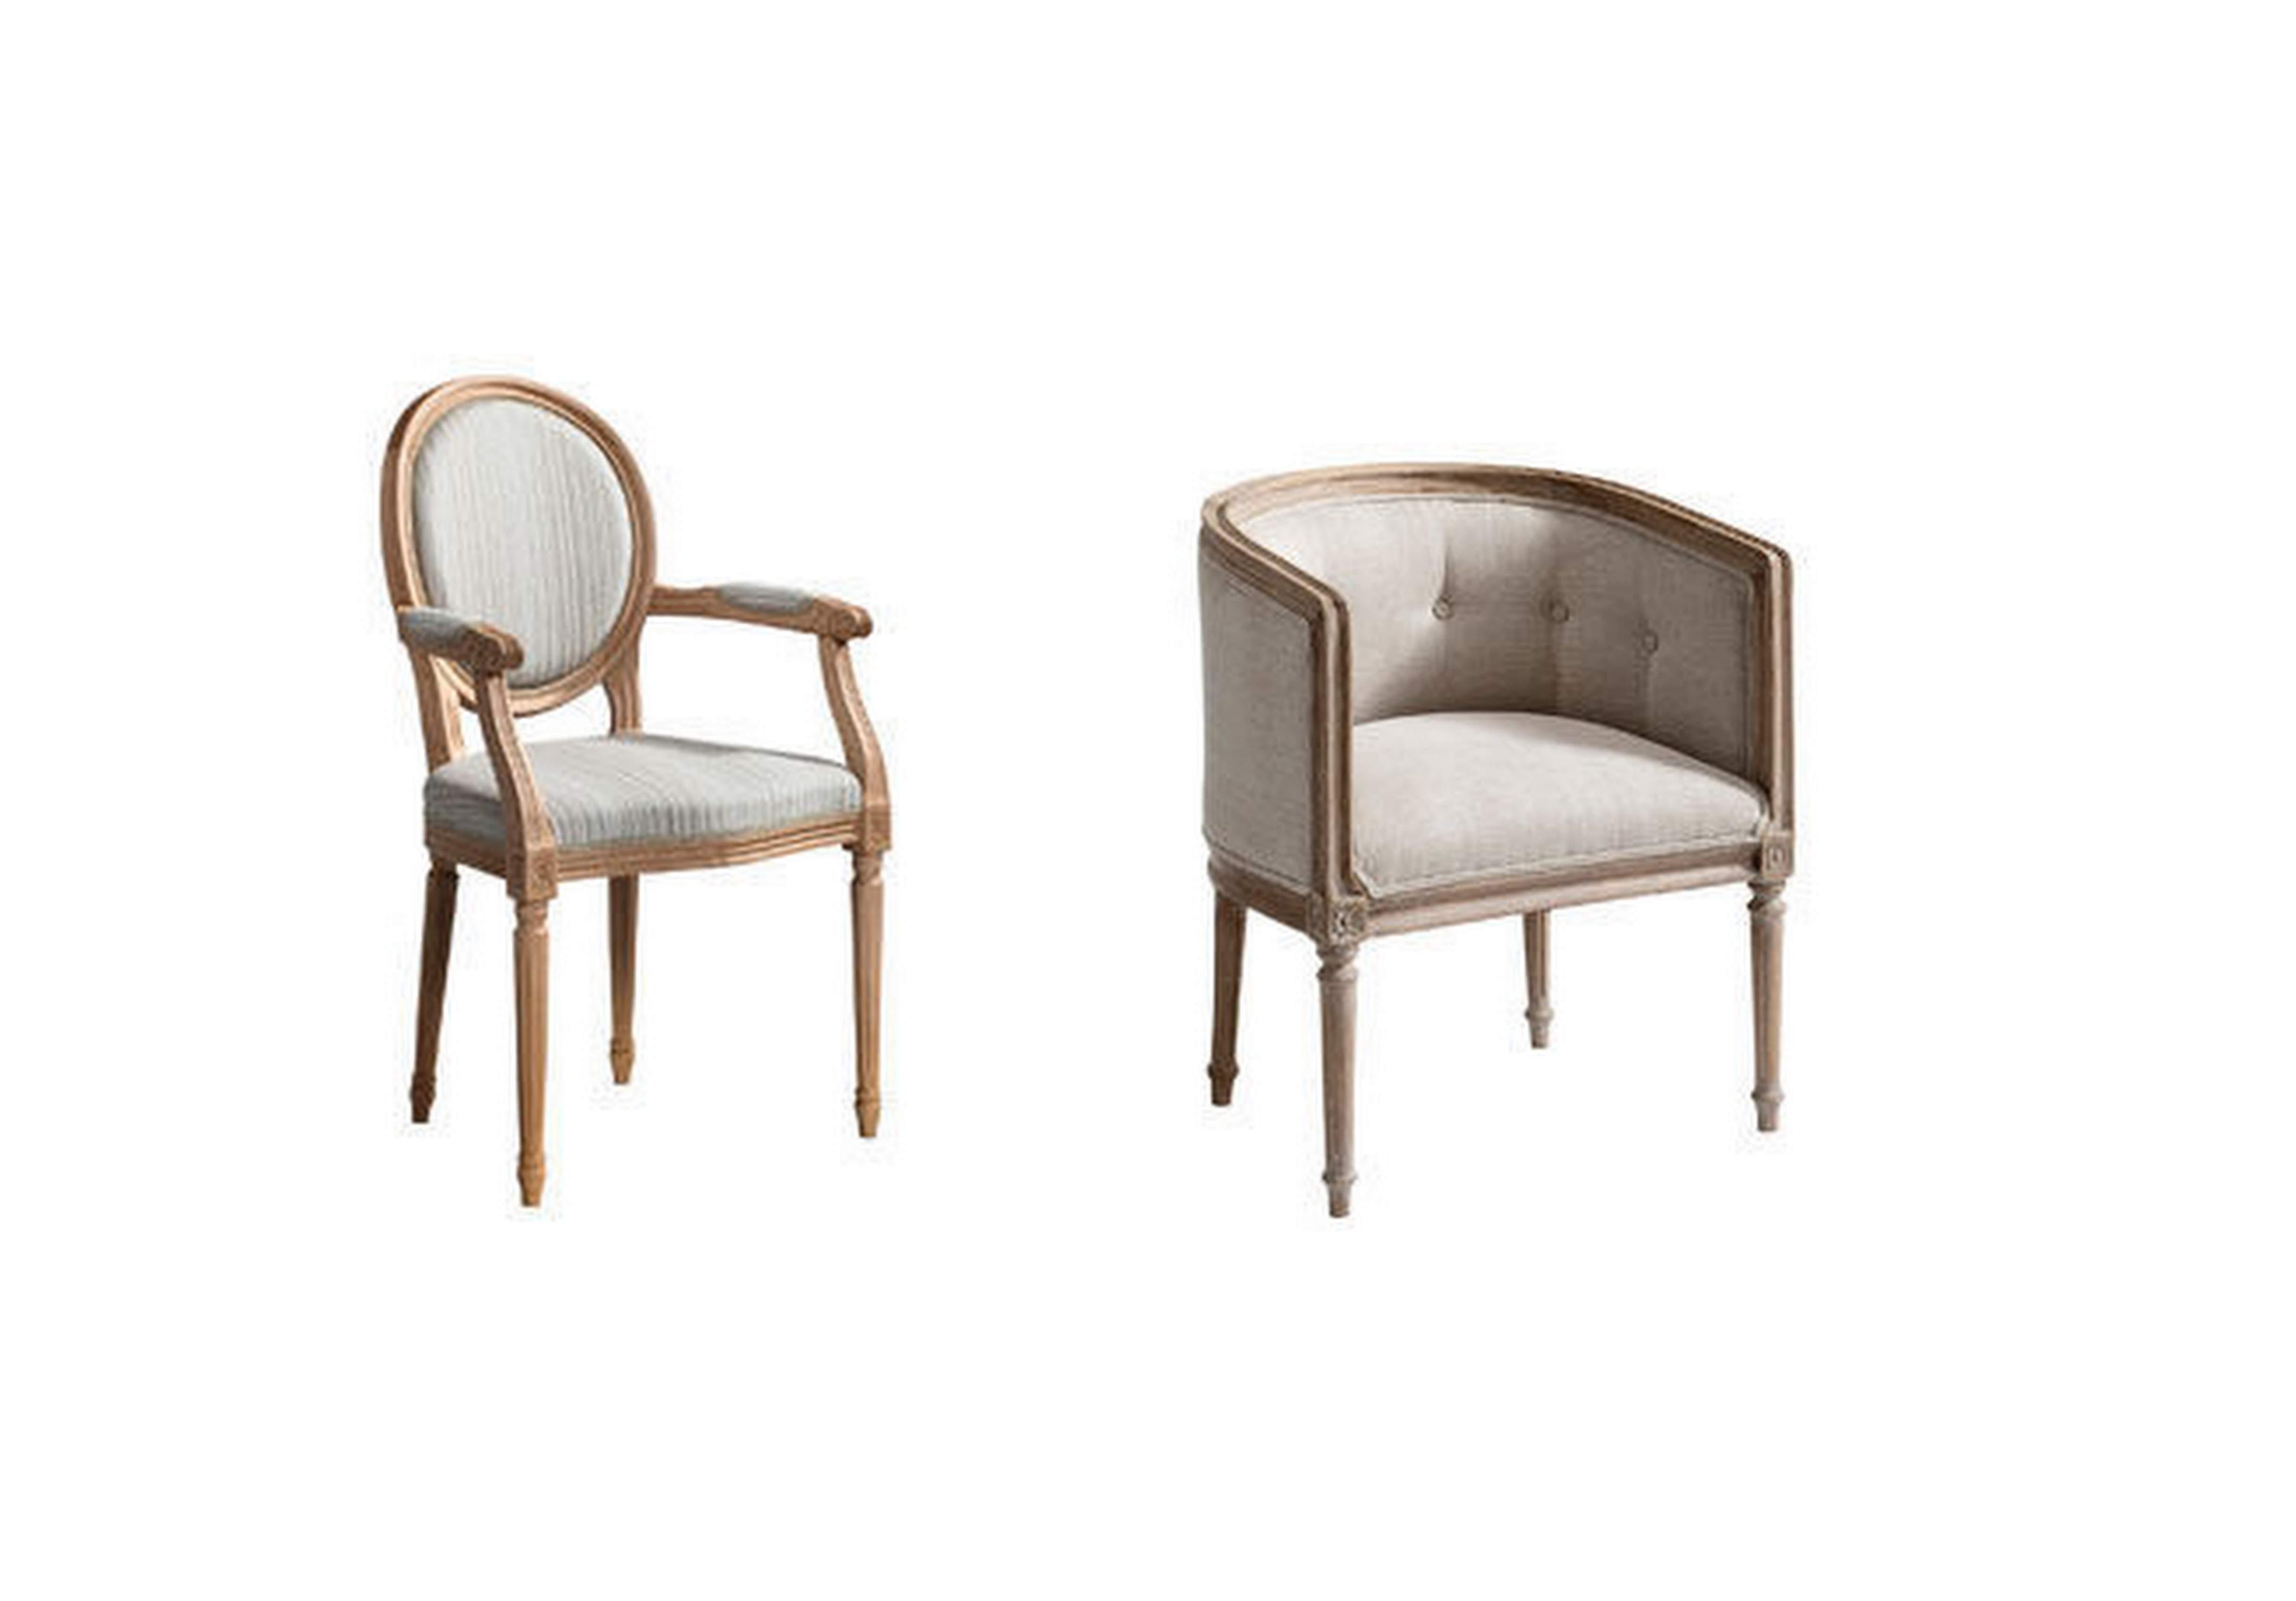 fauteuil-a-travers-styles-partie-ii-de-louis-xv-a-louis-xvi